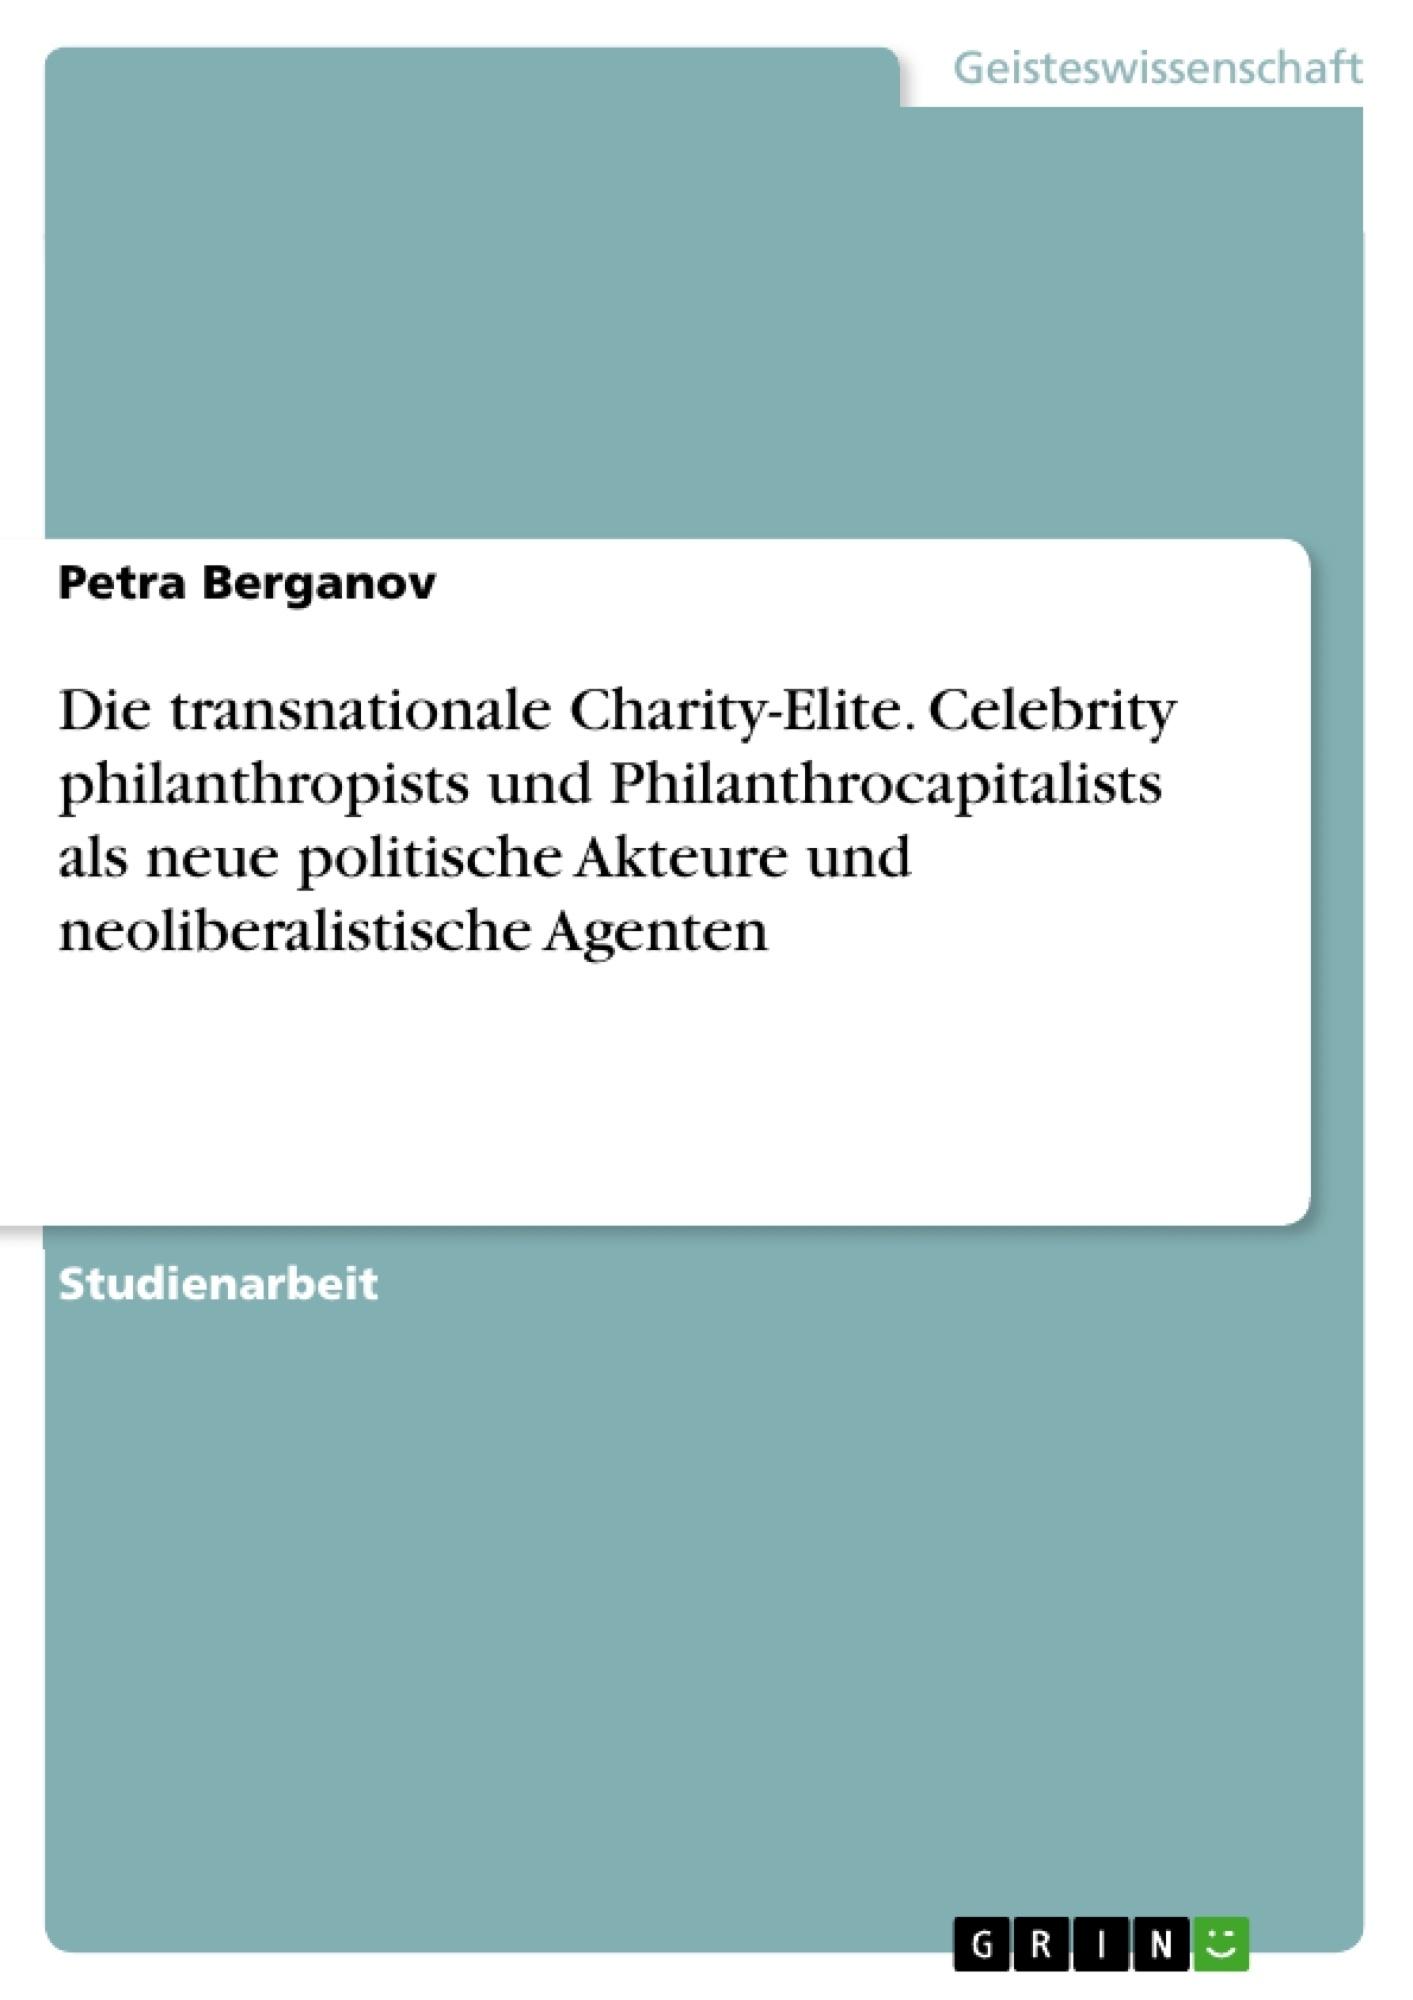 Titel: Die transnationale Charity-Elite. Celebrity philanthropists und Philanthrocapitalists als  neue politische Akteure und neoliberalistische Agenten